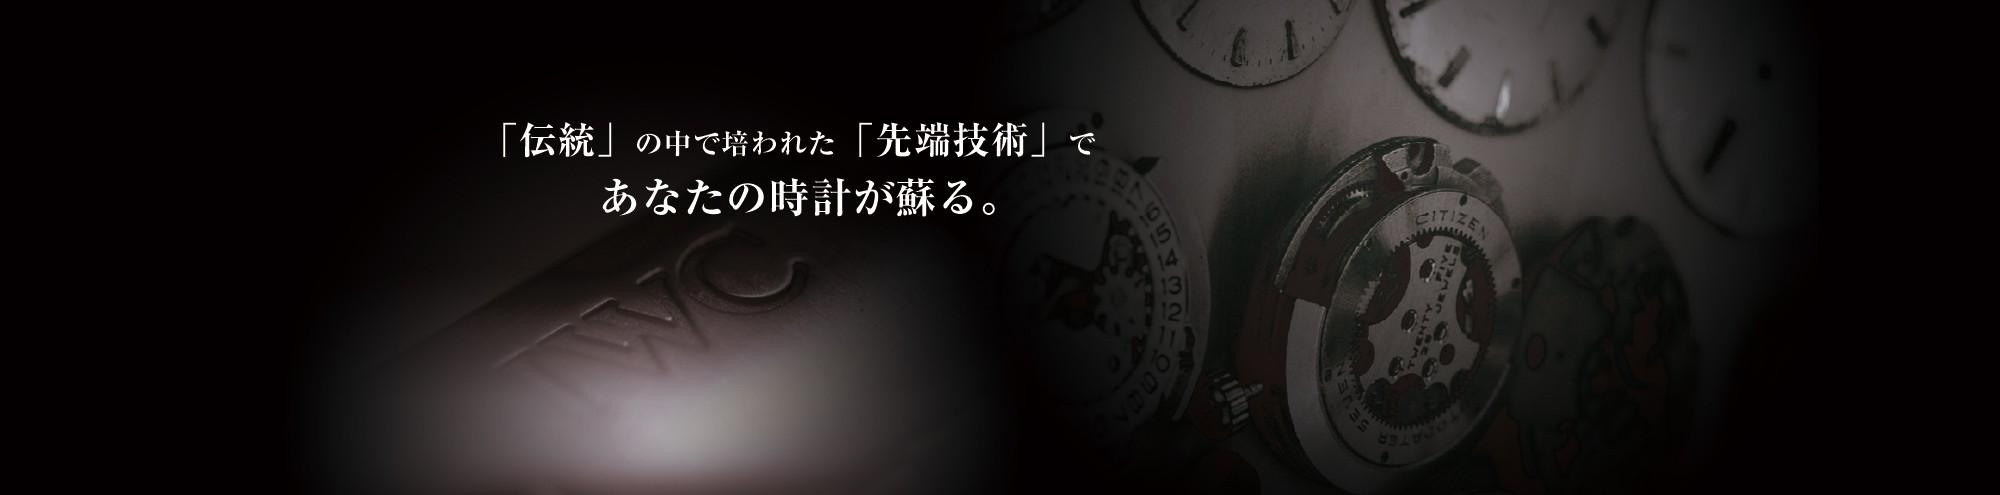 「伝統」の中で培われた「先端技術」であなたの時計が蘇る